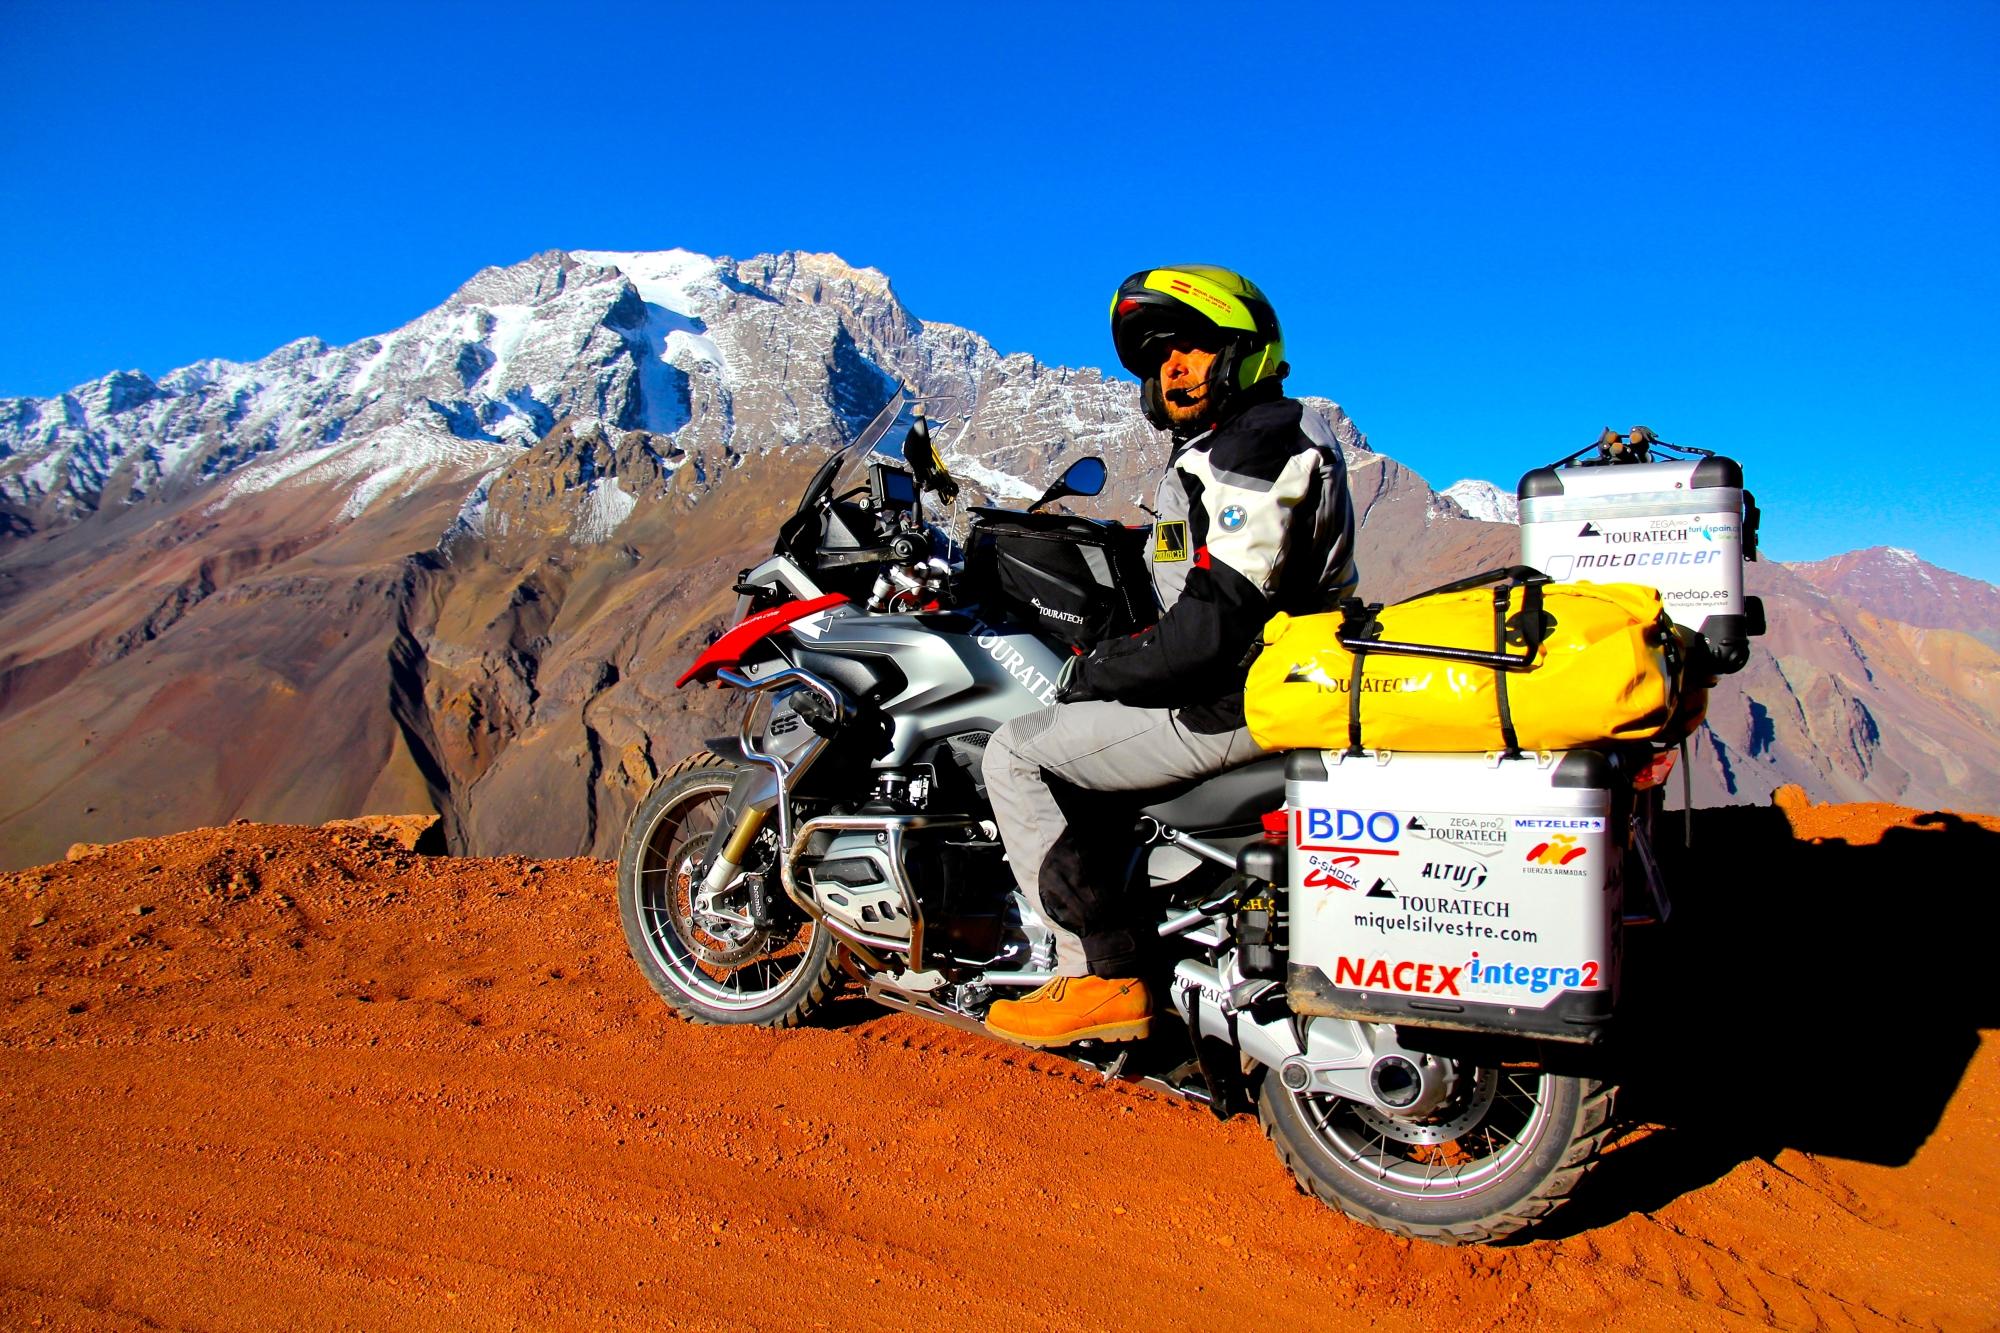 Miquel-Silvestre-Los-Andes